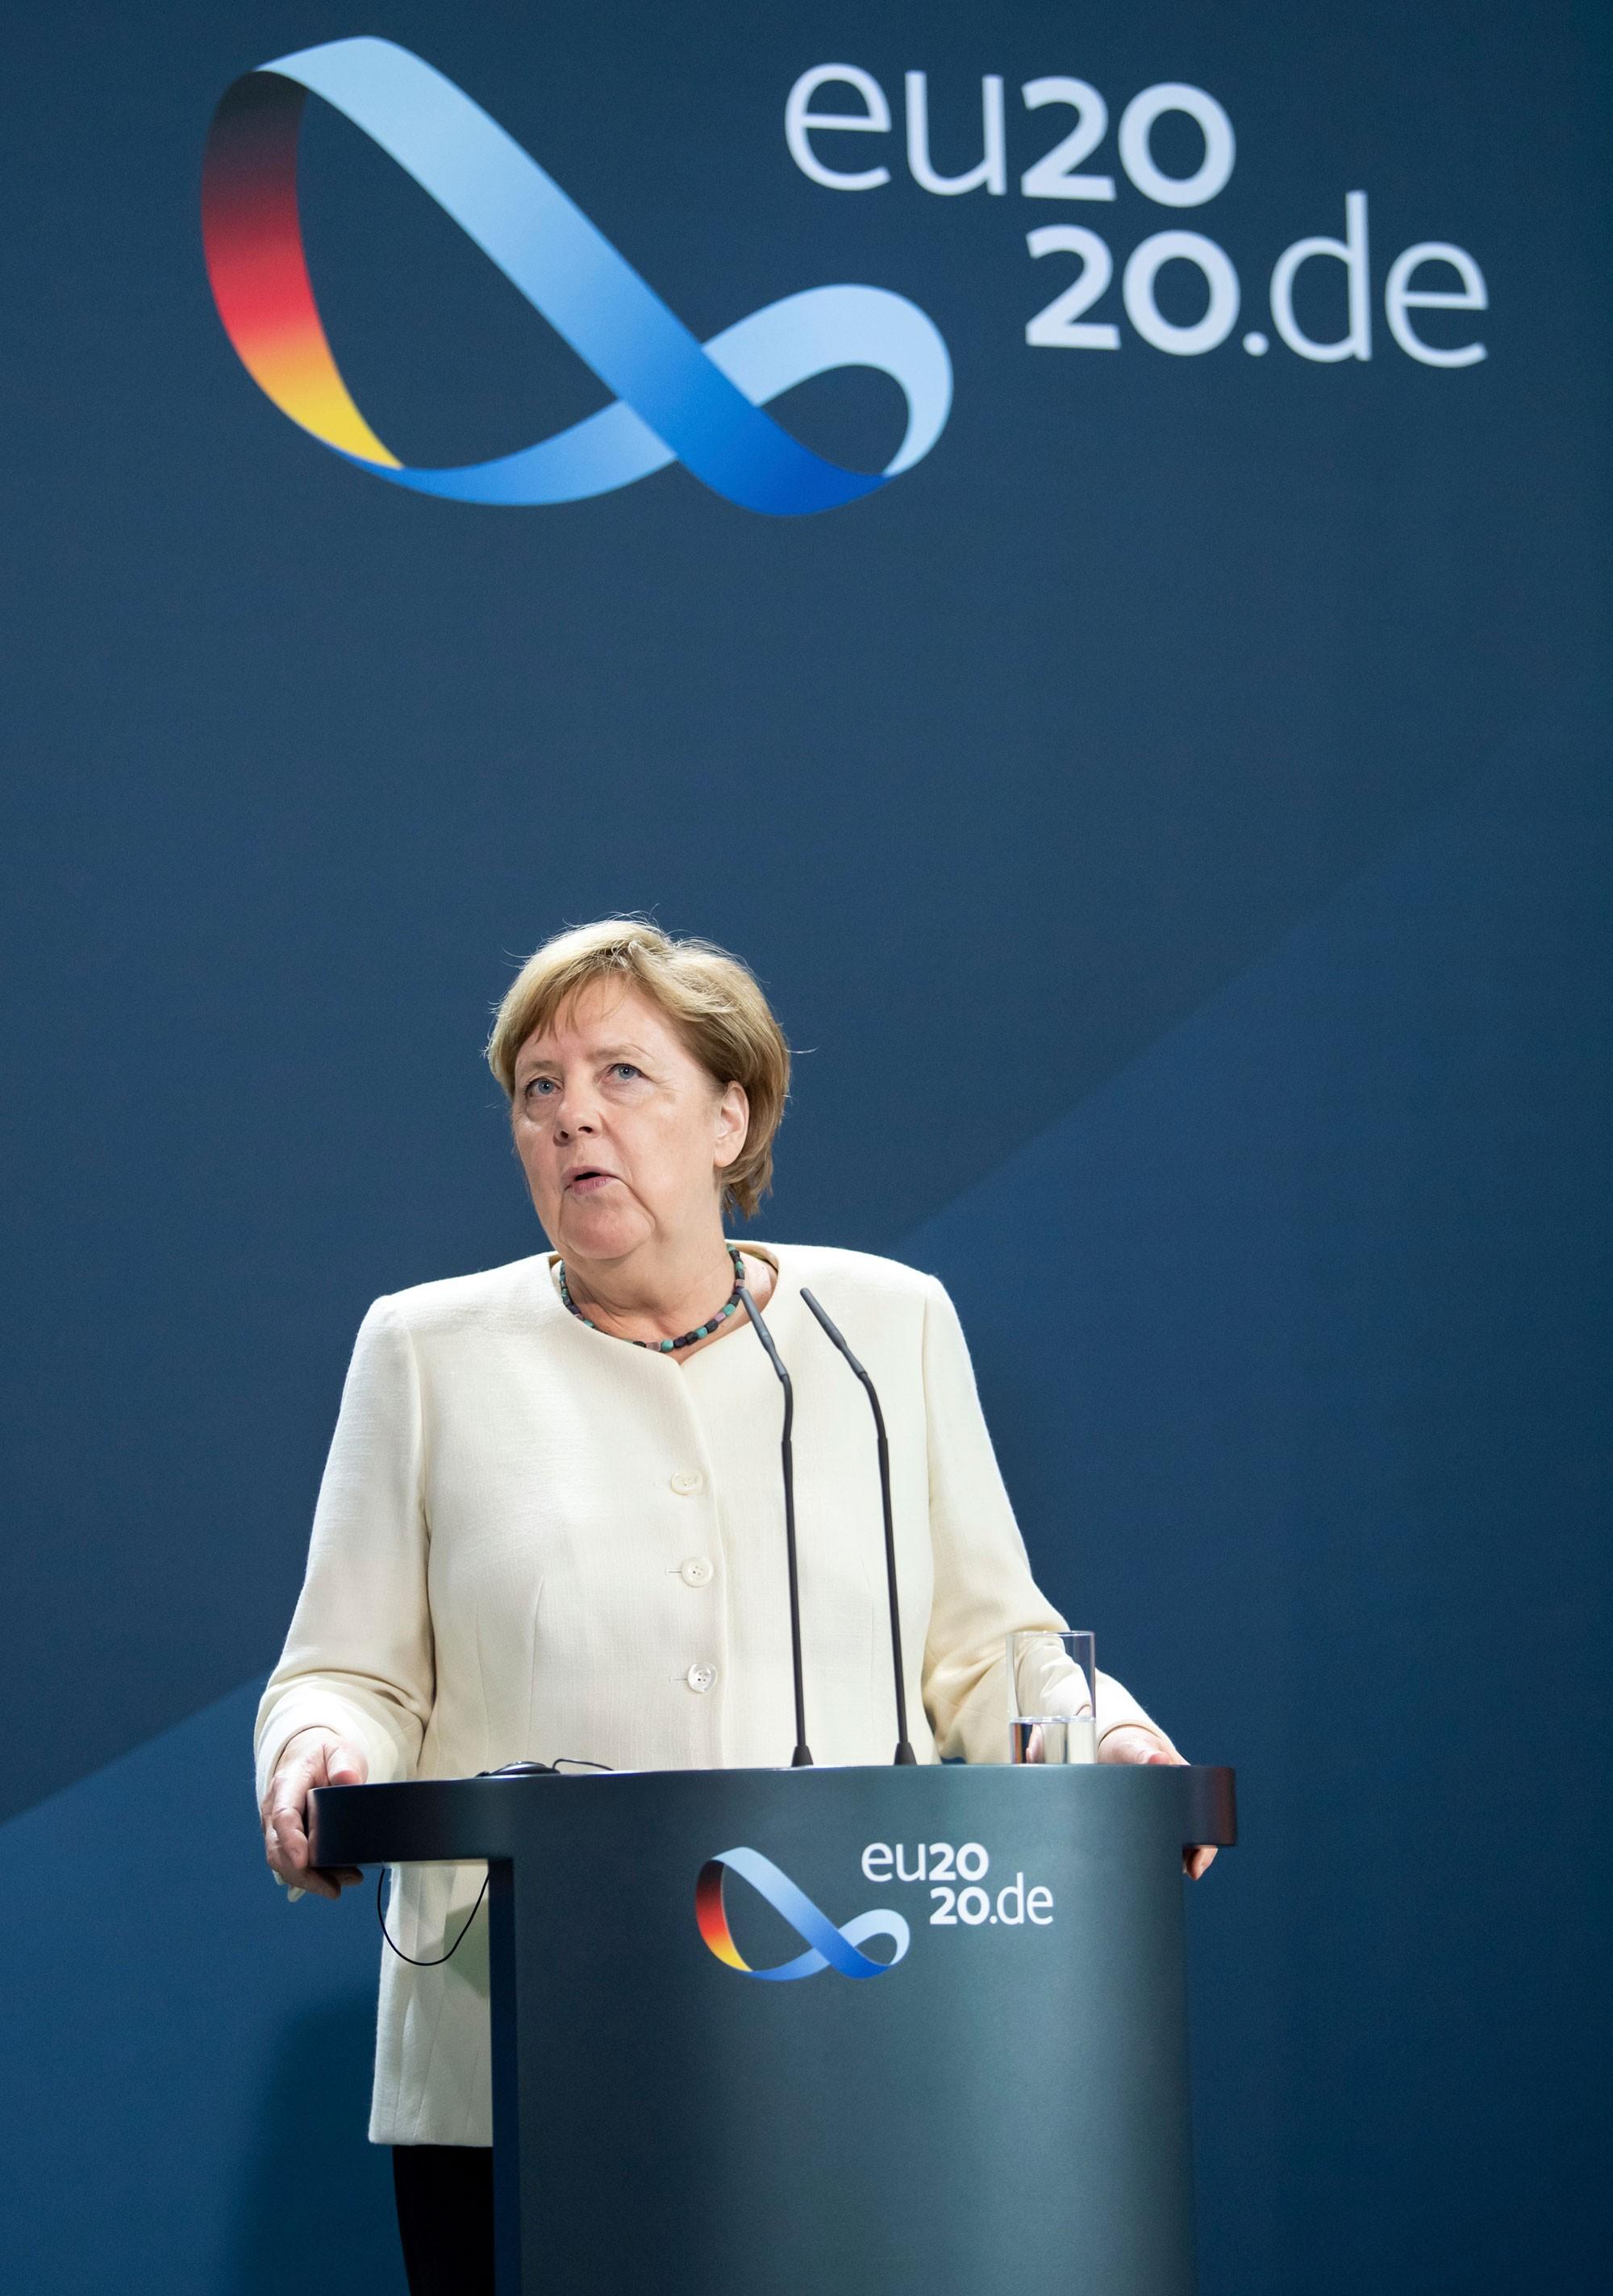 Funcionário da assessoria de imprensa de Merkel é suspeito de espionagem